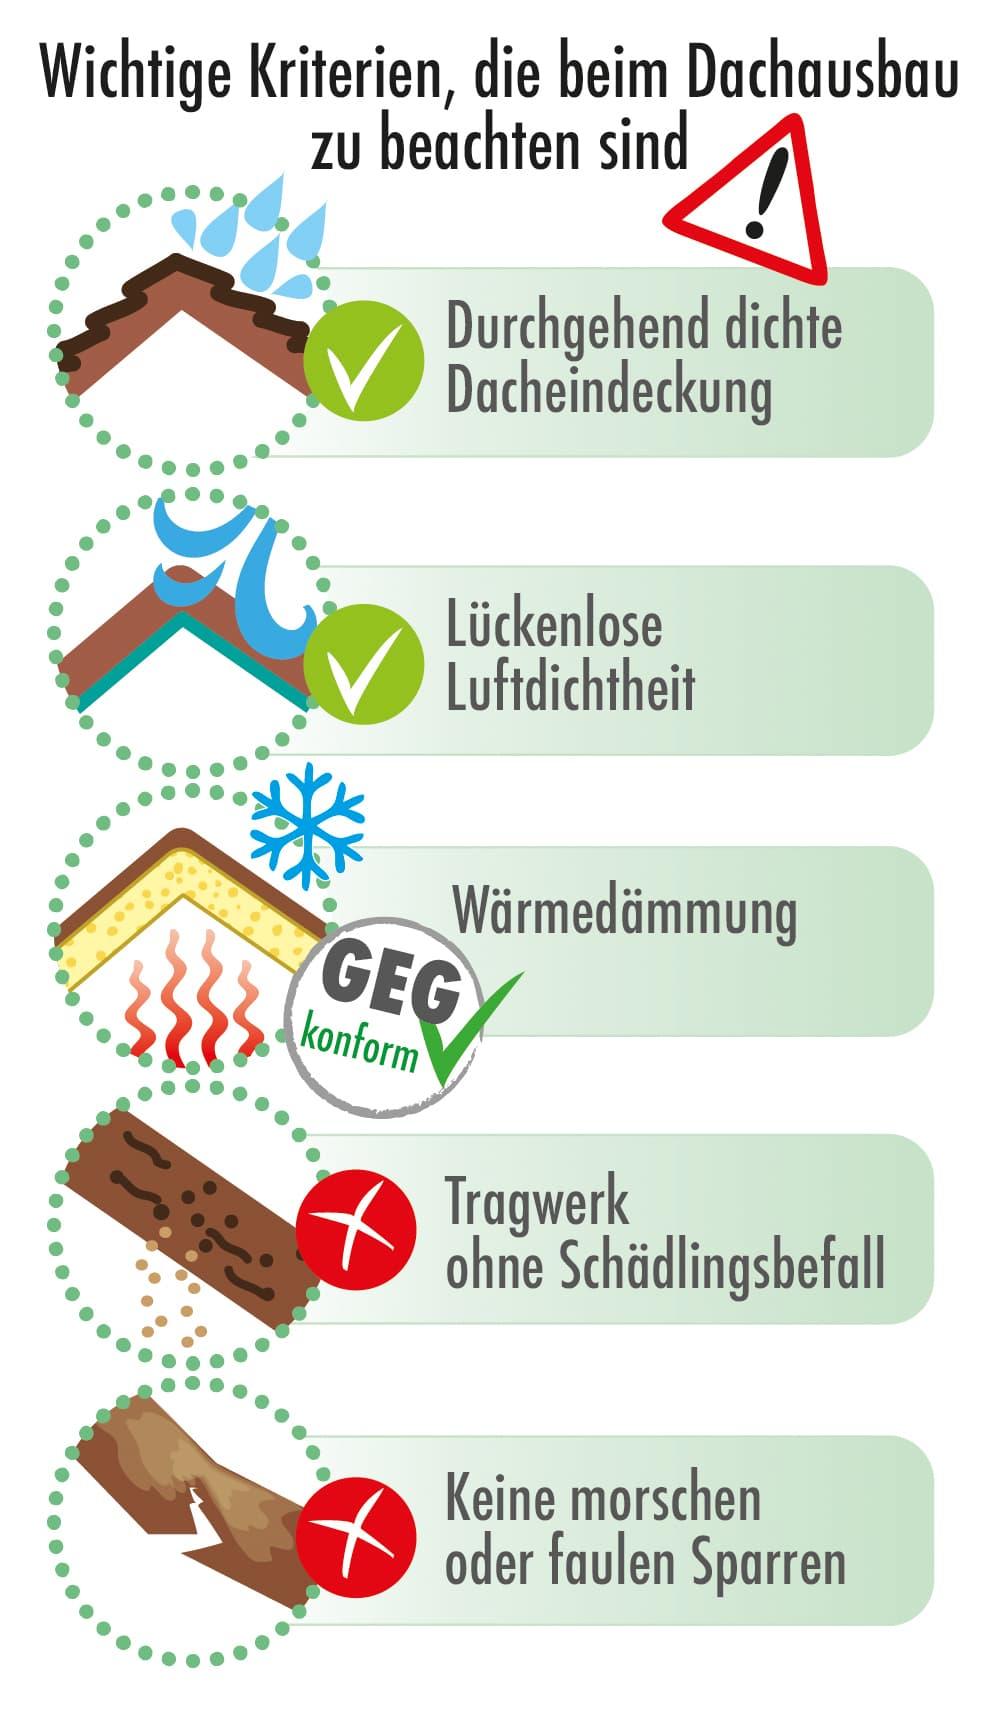 Wichtige Kriterien die beim Dachausbau zu beachten sind